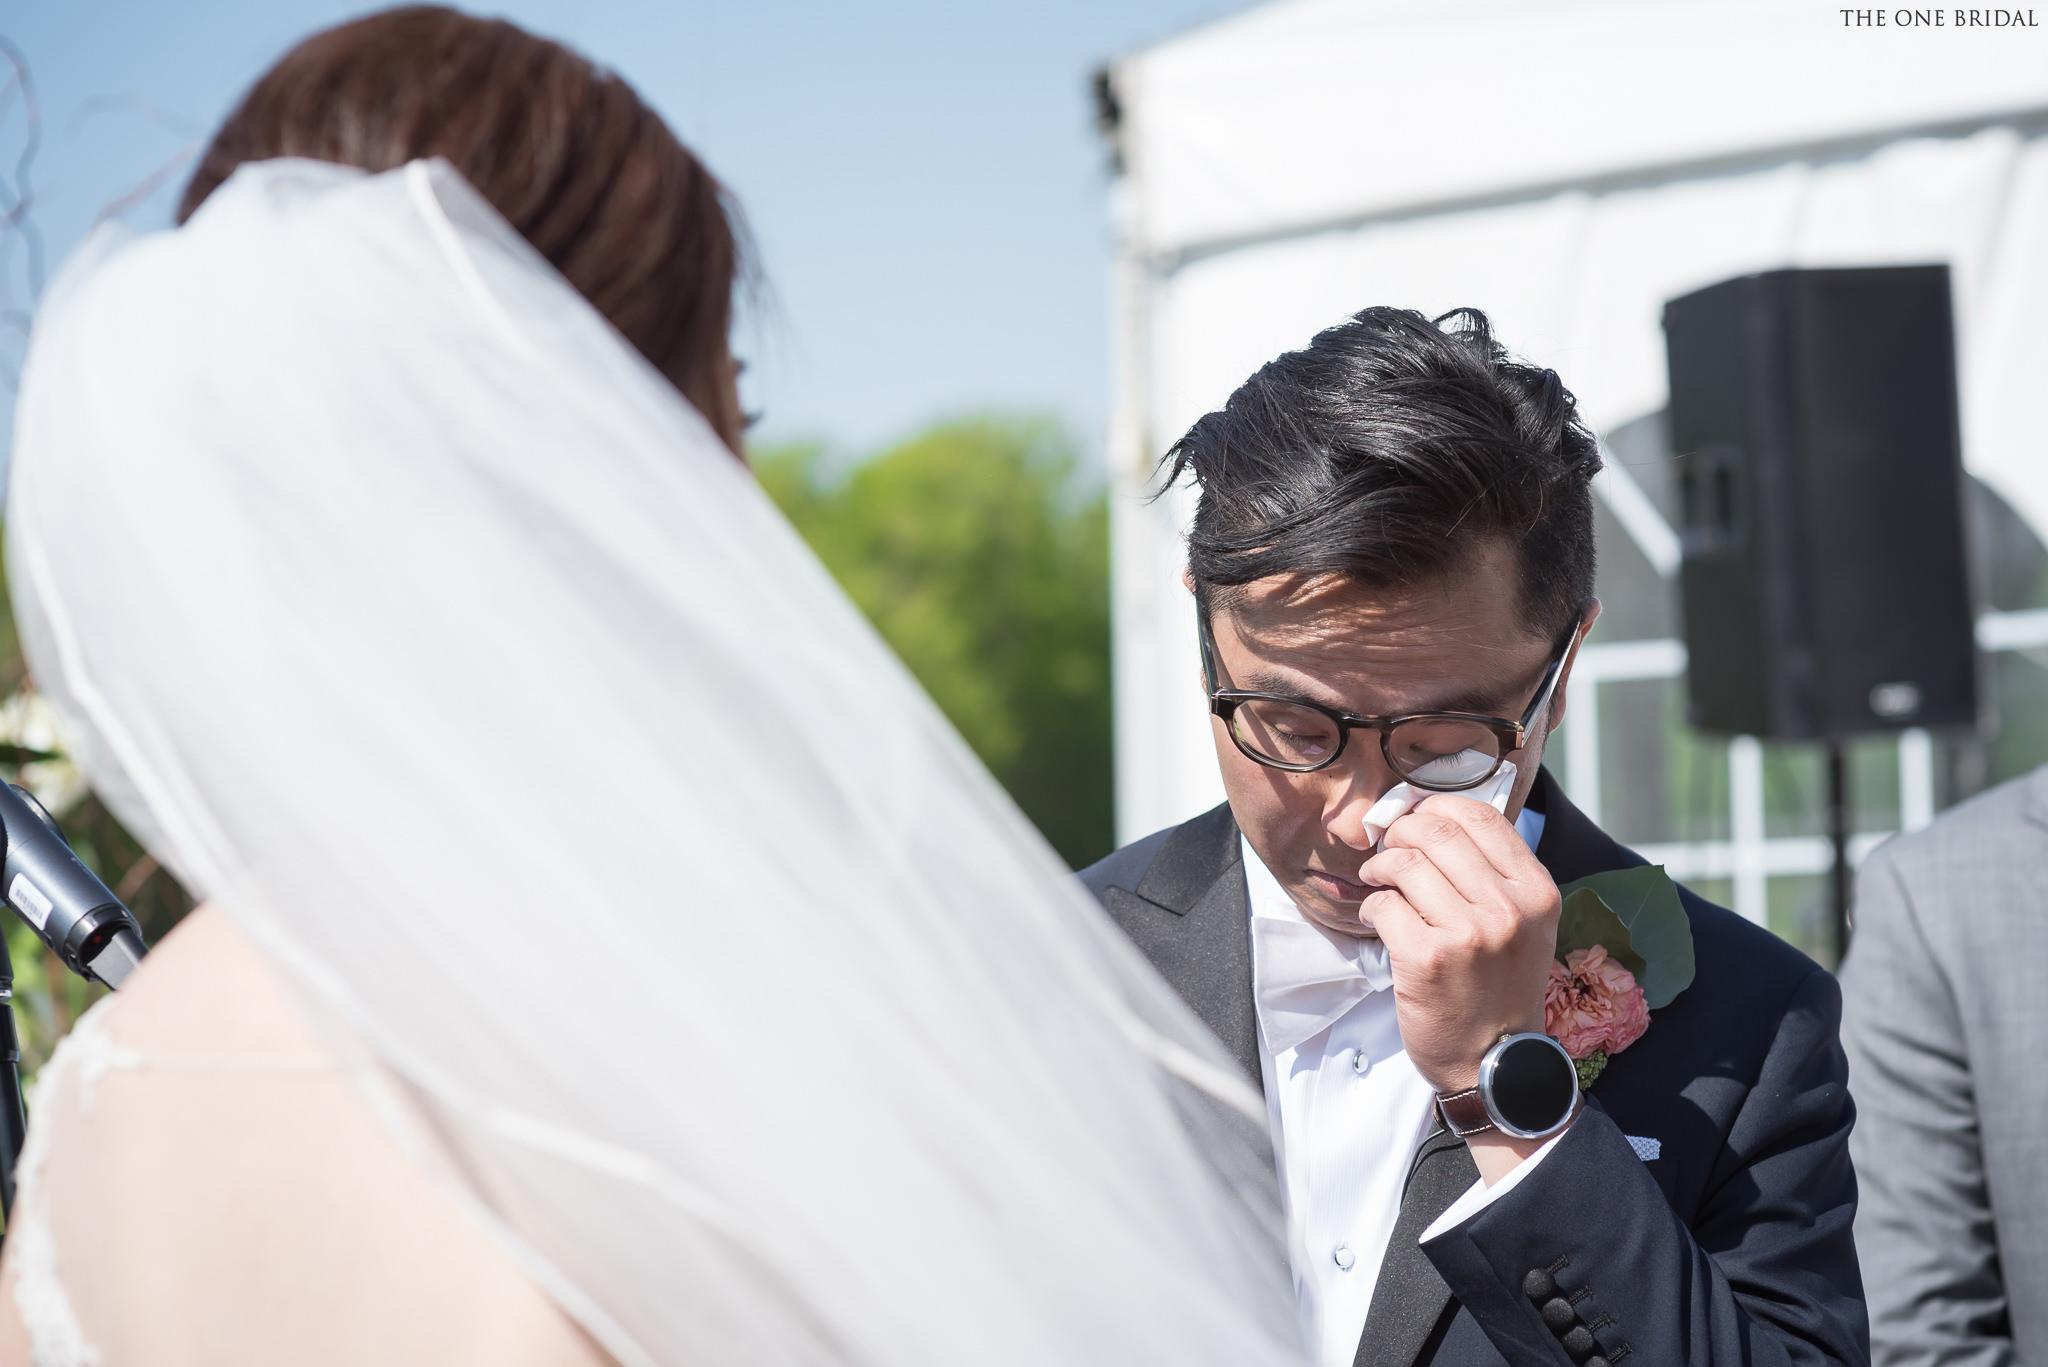 mandarin-golf-club-wedding-markham-the-one-bridal-034